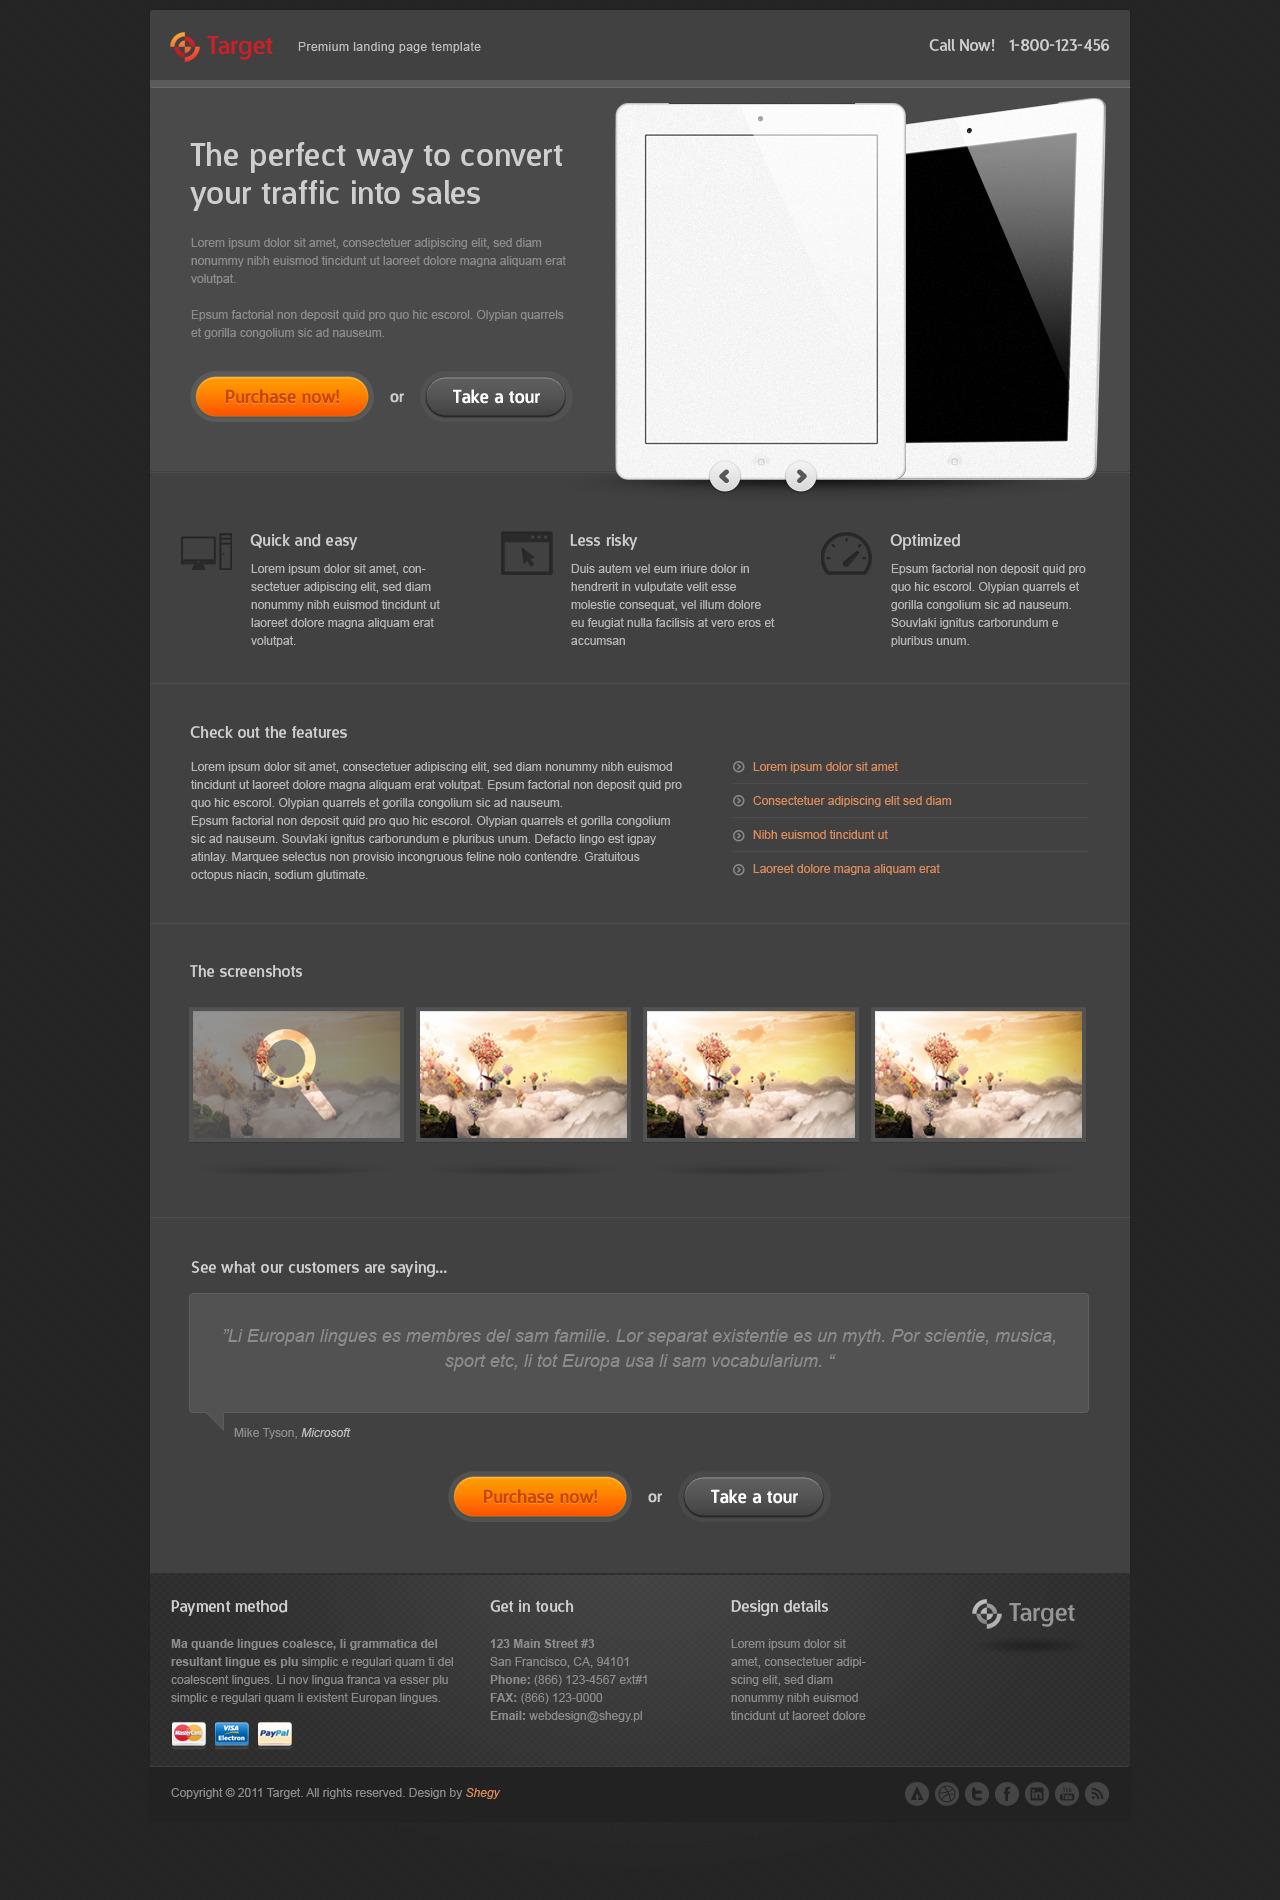 Target - Premium Landing page template